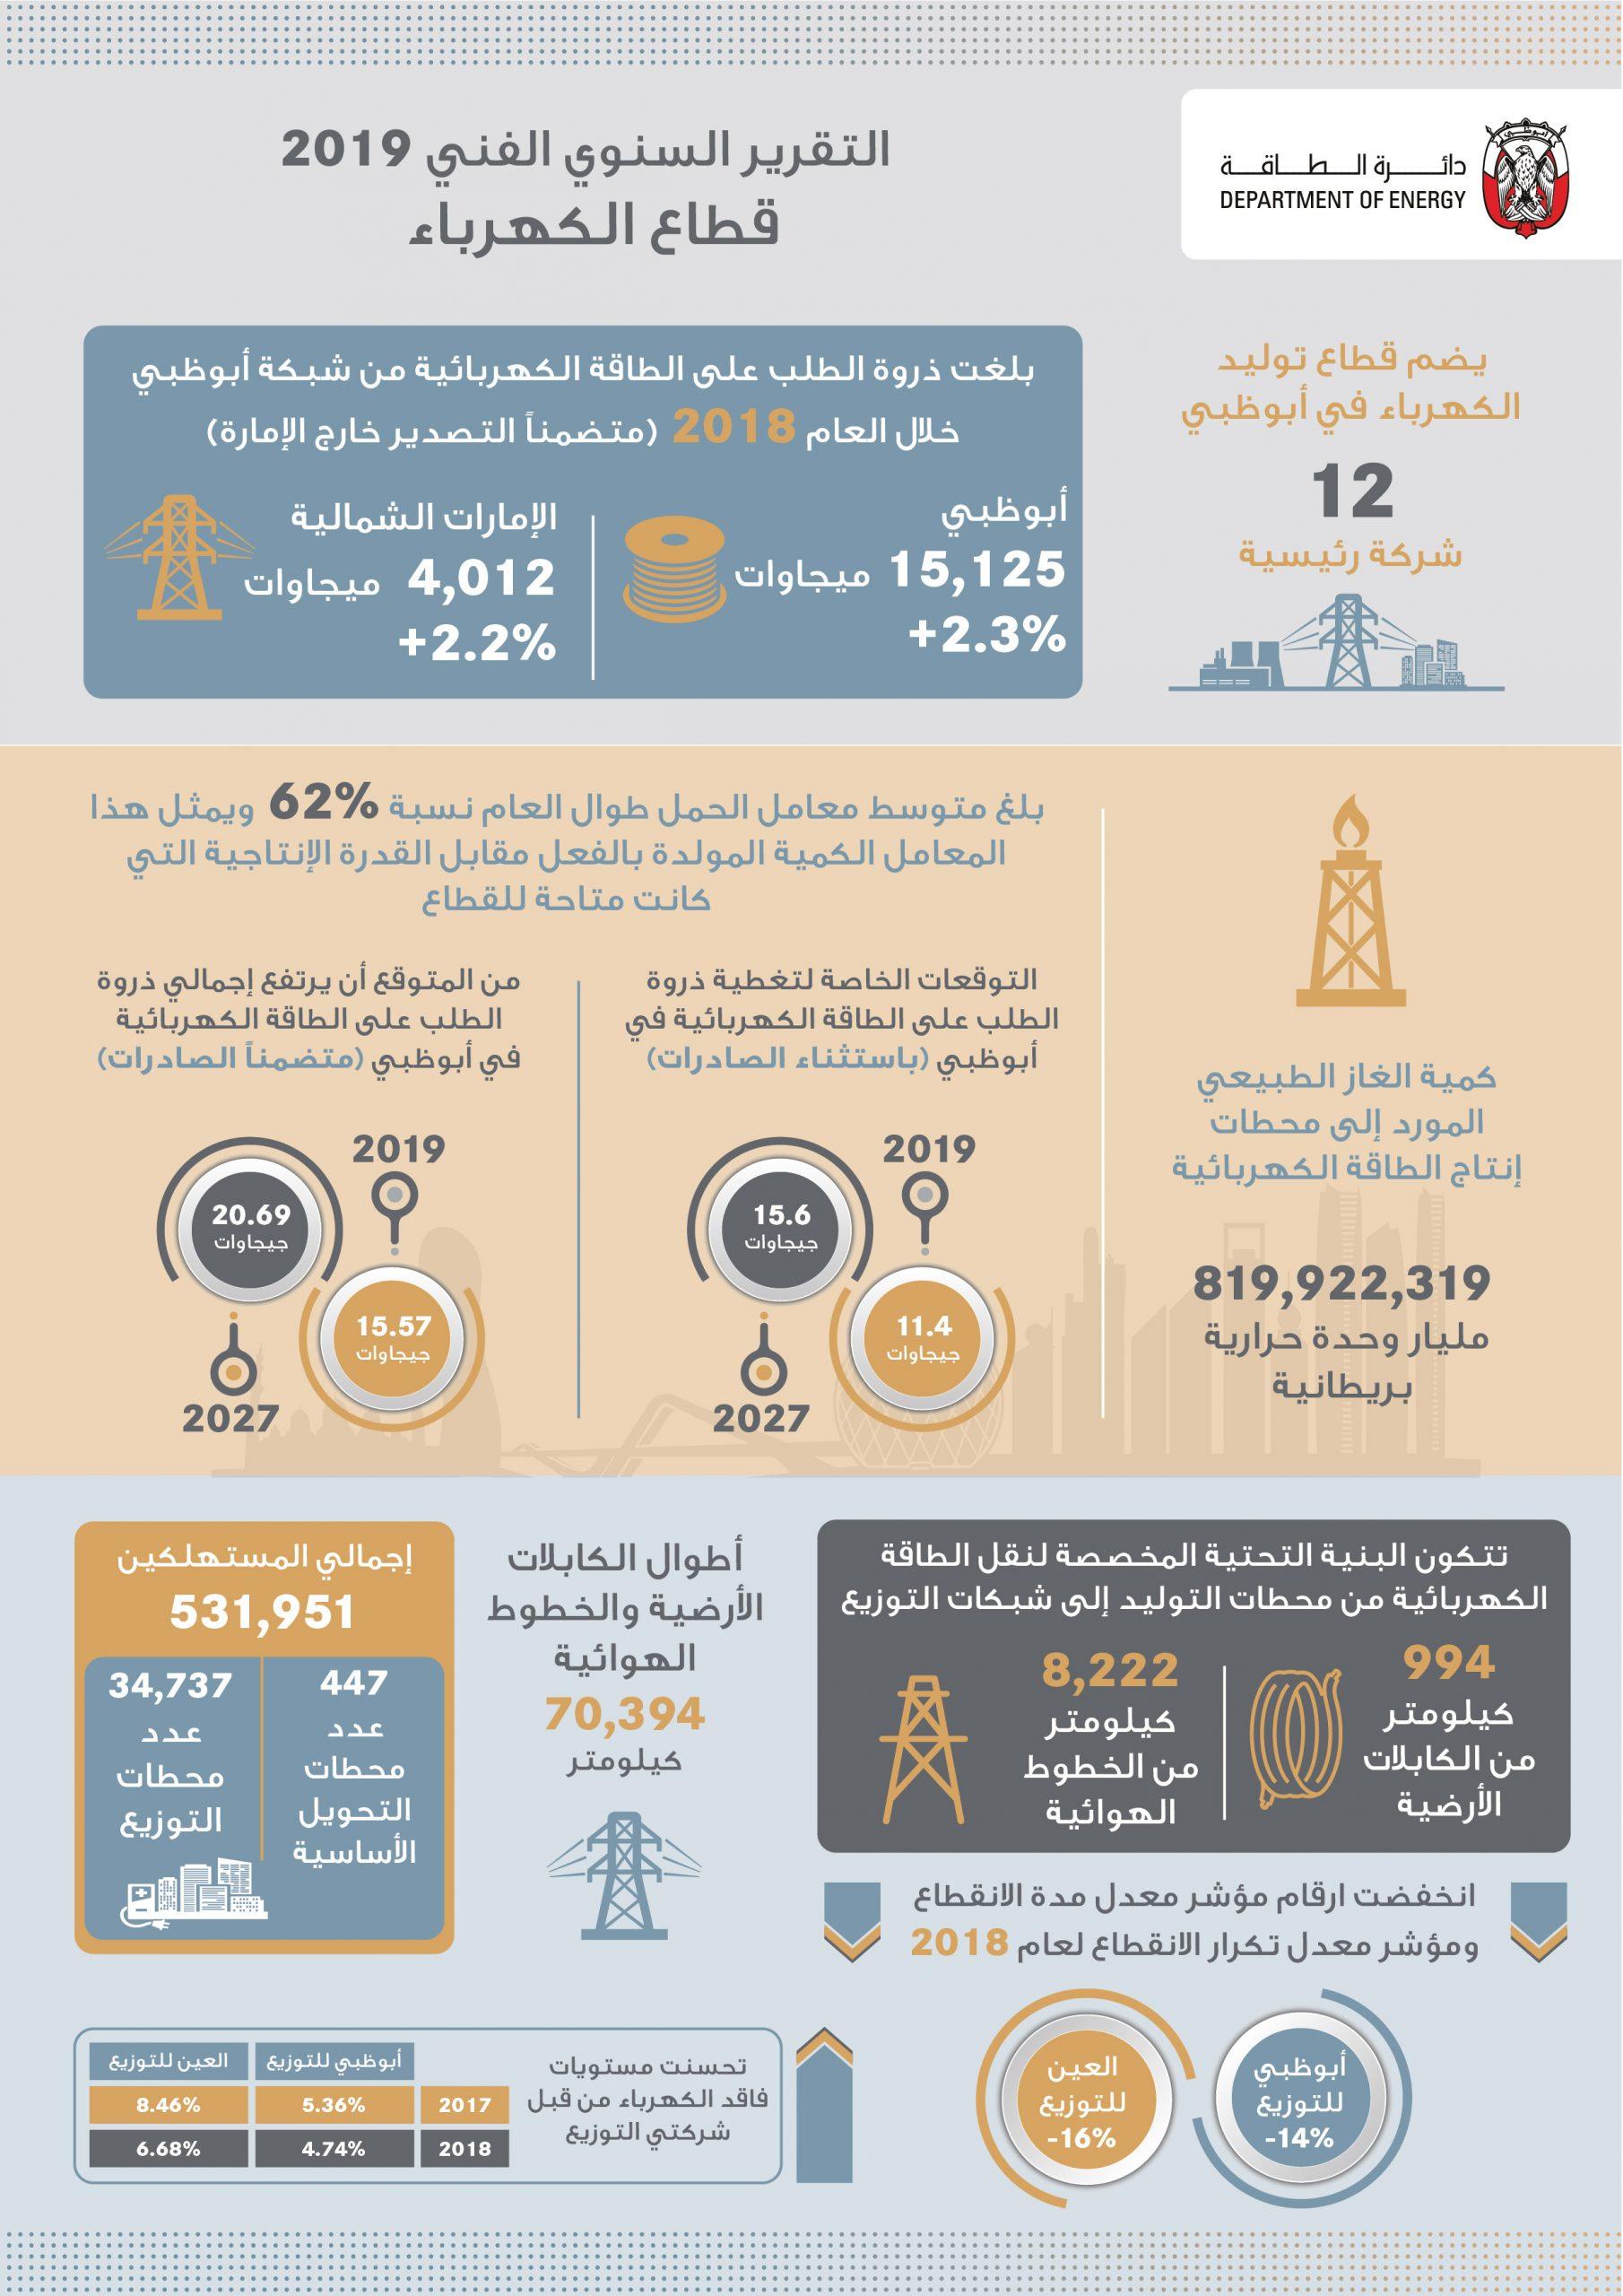 """دائرة الطاقة في أبوظبي تصدر """"التقرير السنوي الفني لعام 2019 لقطاع المياه والكهرباء والصرف الصحي"""""""